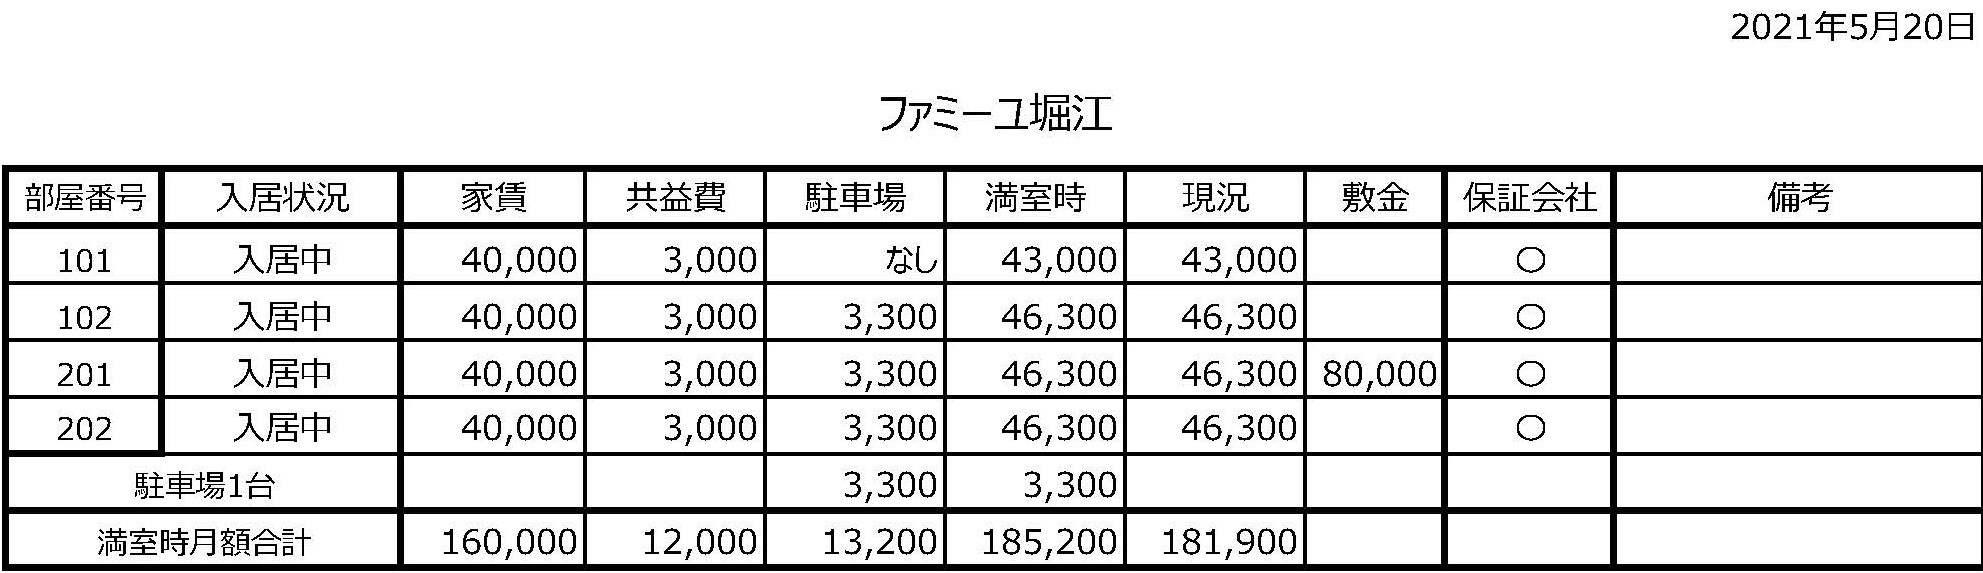 ファミーユ堀江レントロール